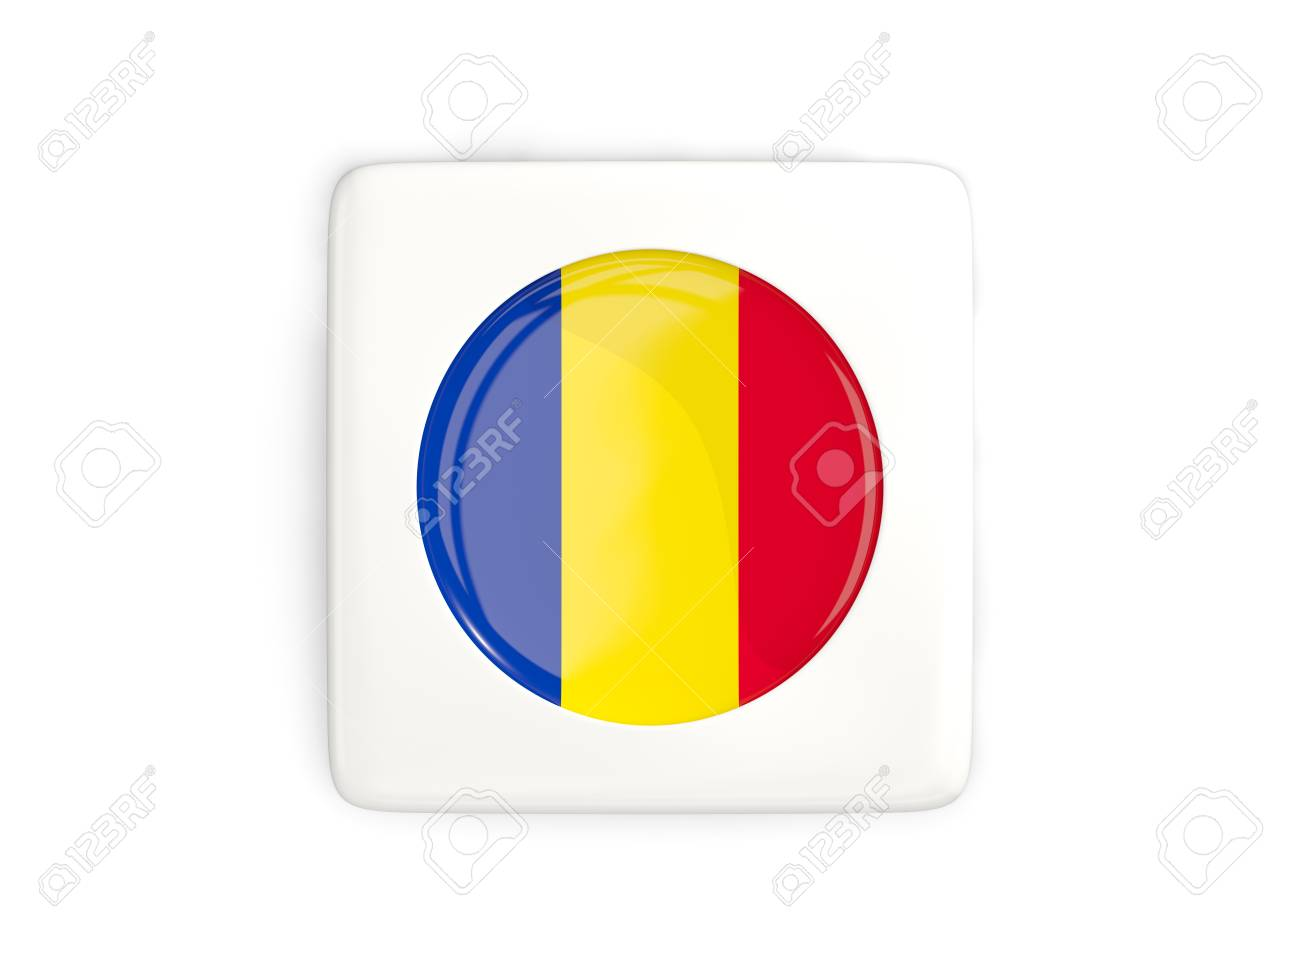 Drapeau Rond bouton carré avec un drapeau rond de roumanie isolé sur blanc